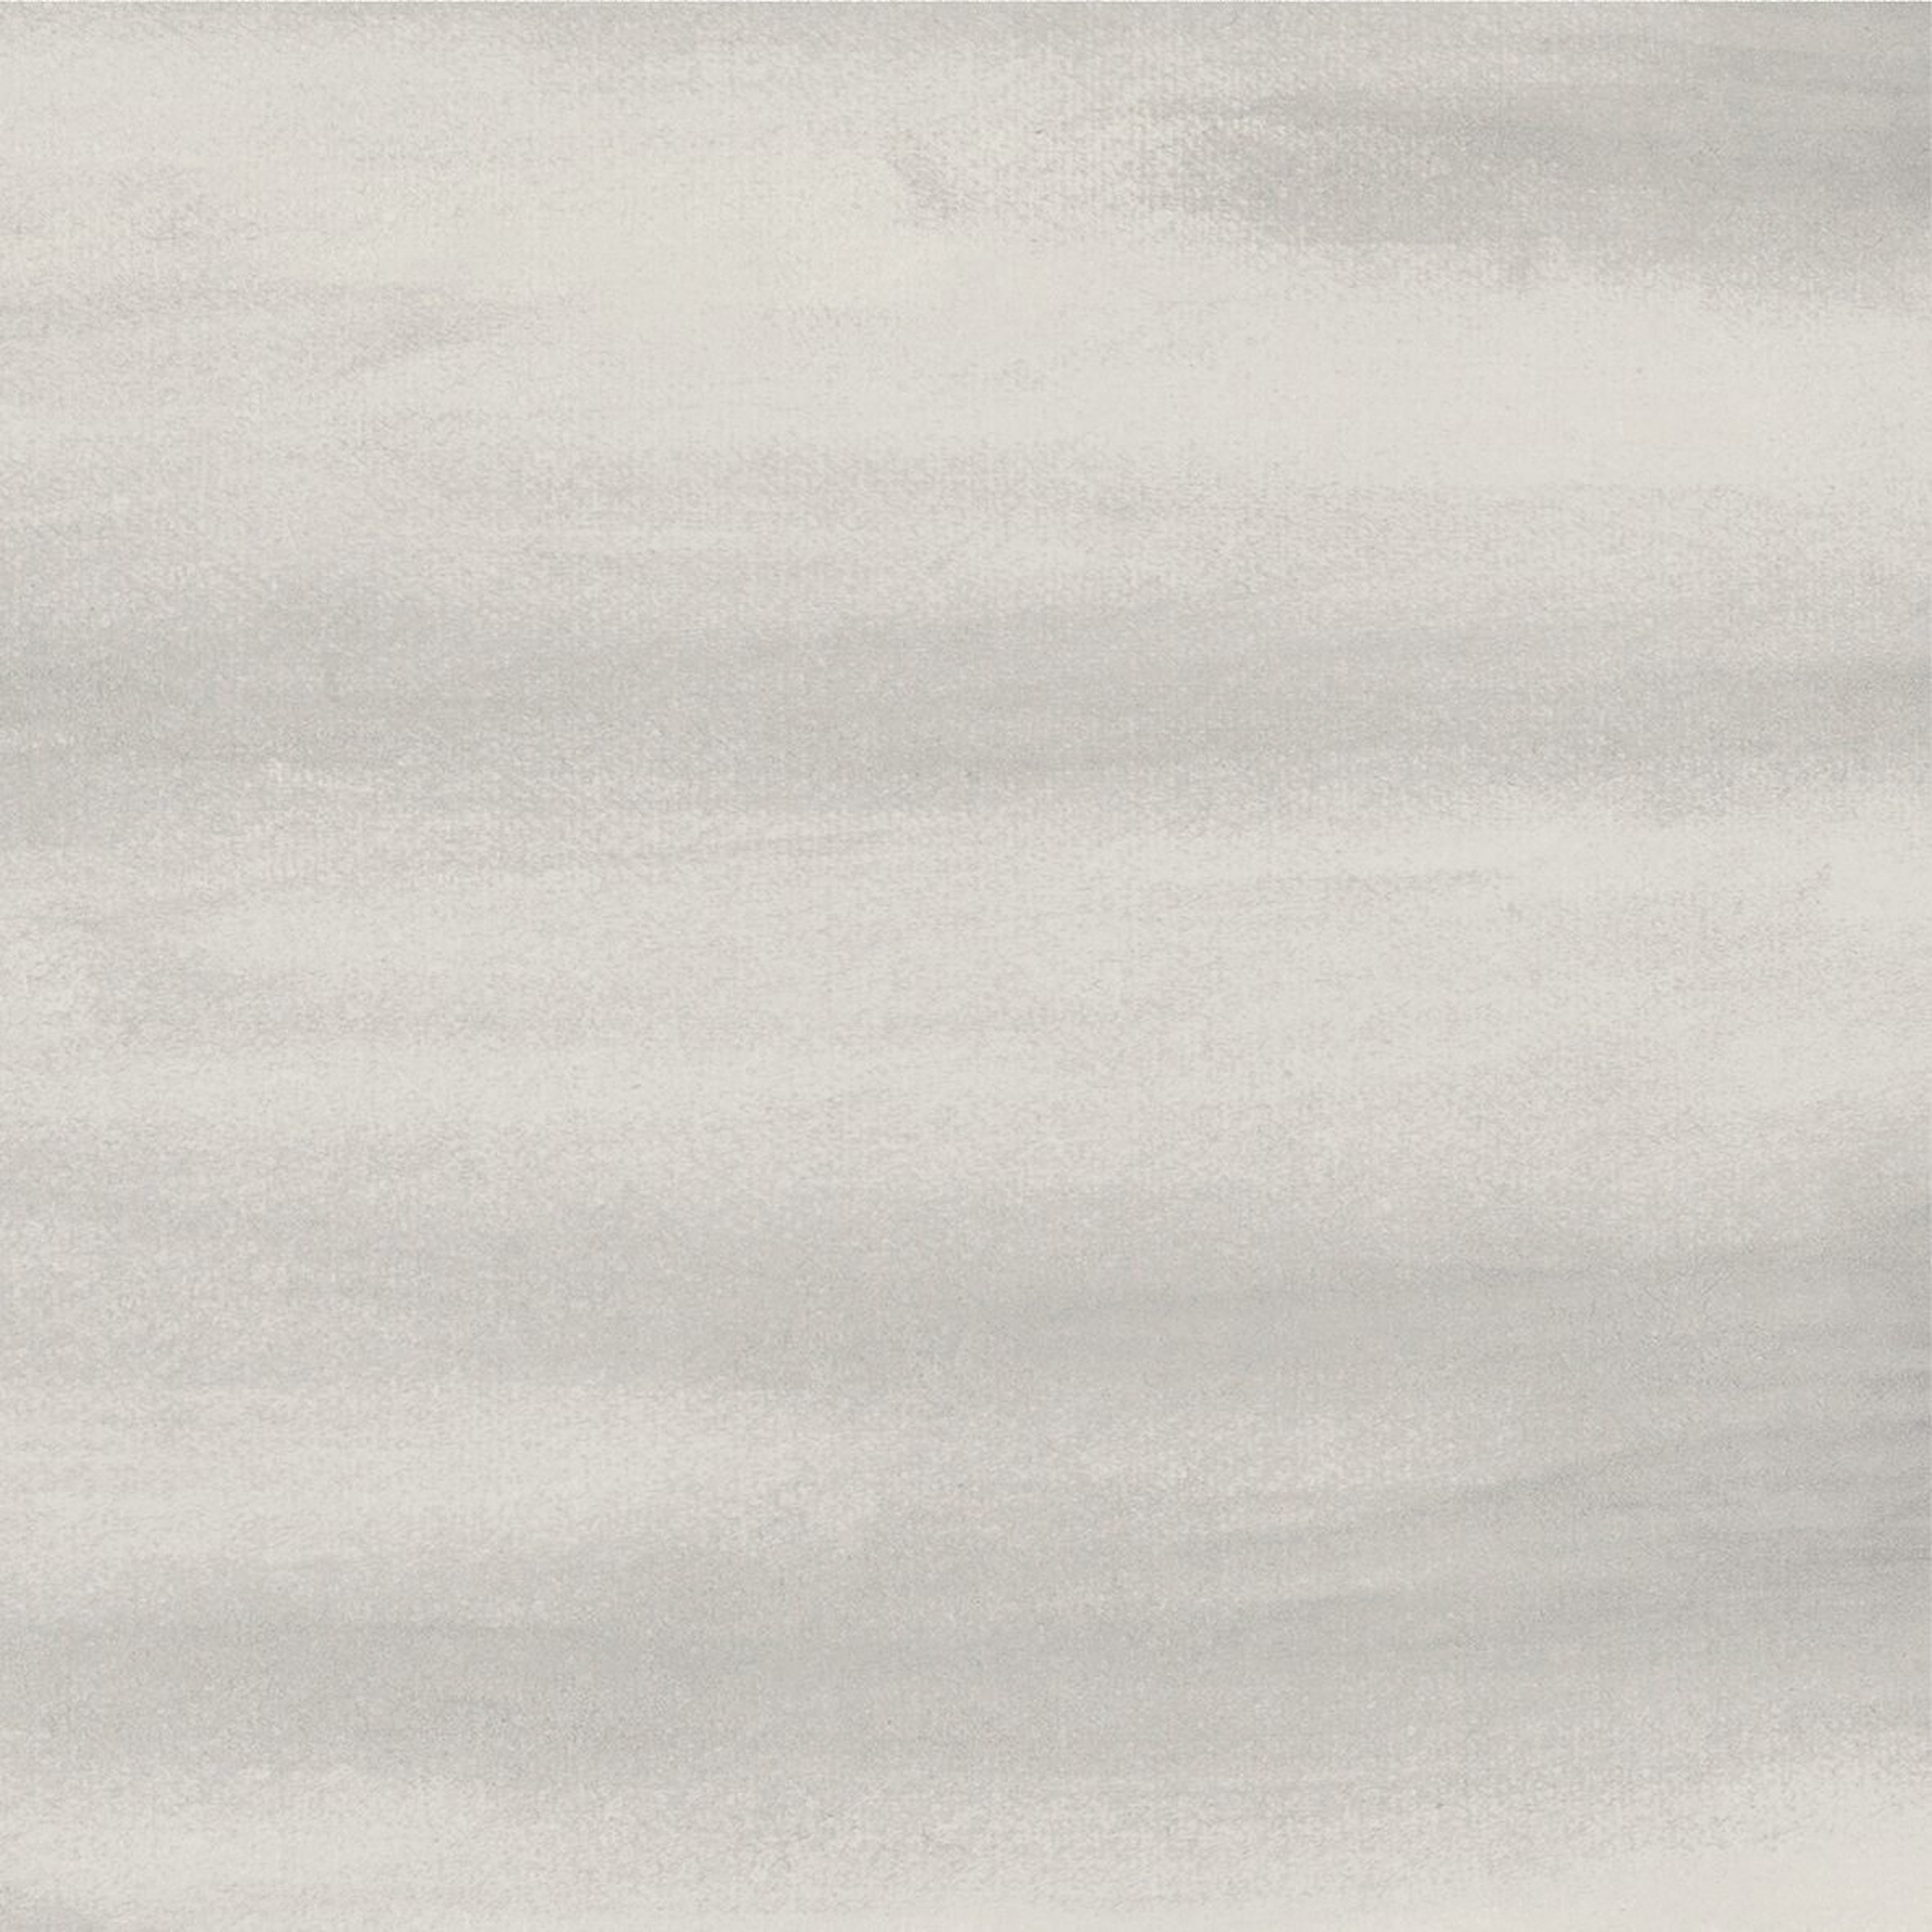 Купить Керамогранит Benadresa Lincoln Rect. Grey напольный 60х60, Испания